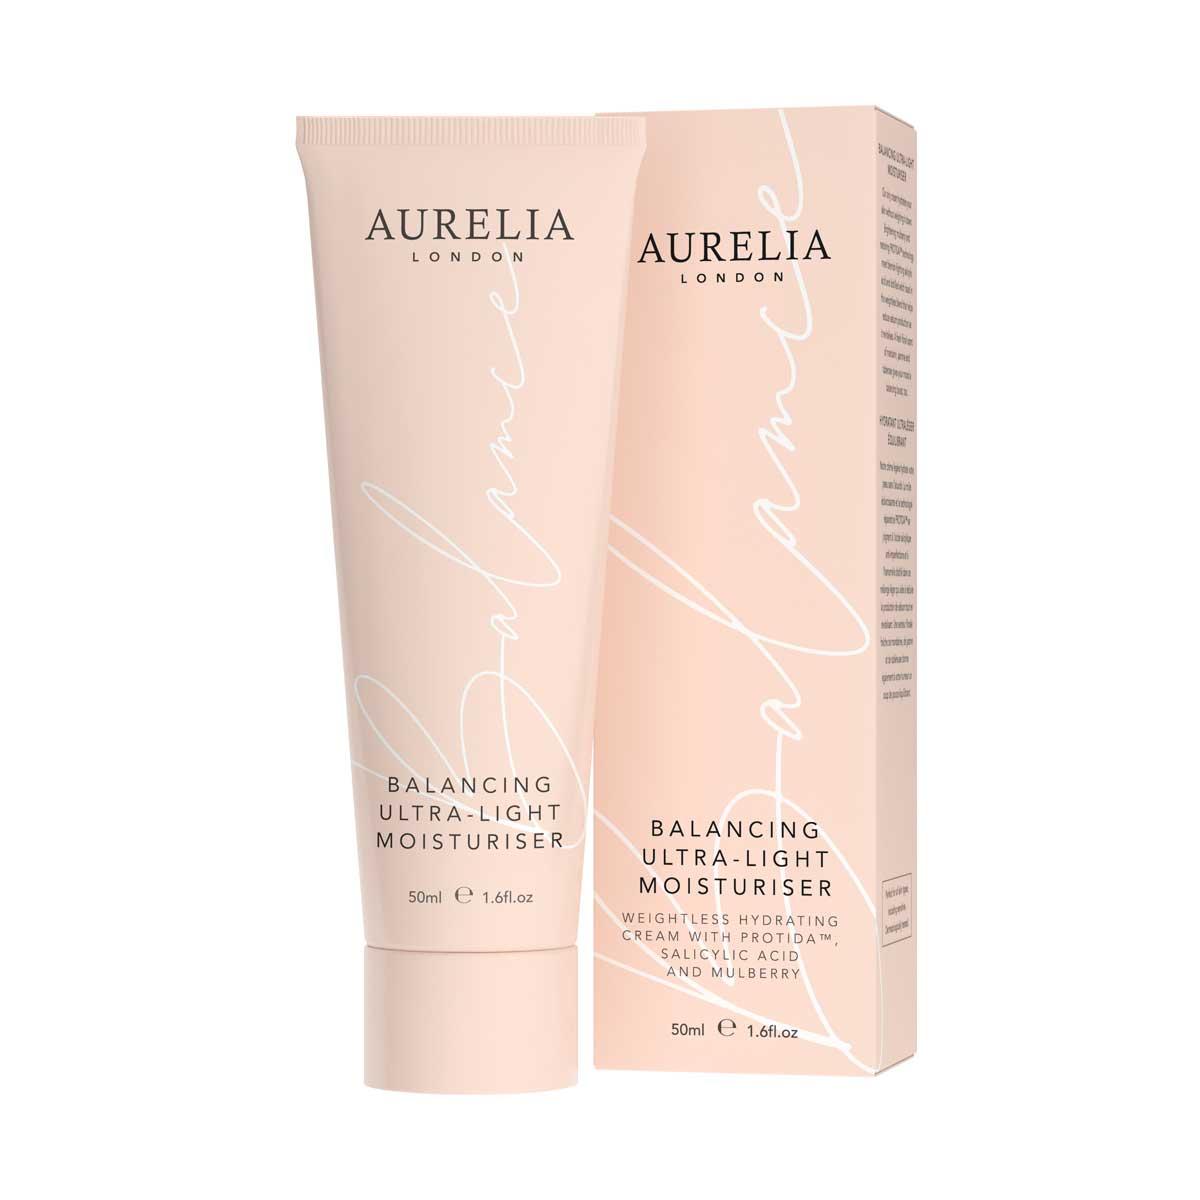 Aurelia 轻盈平衡保湿霜 50ml